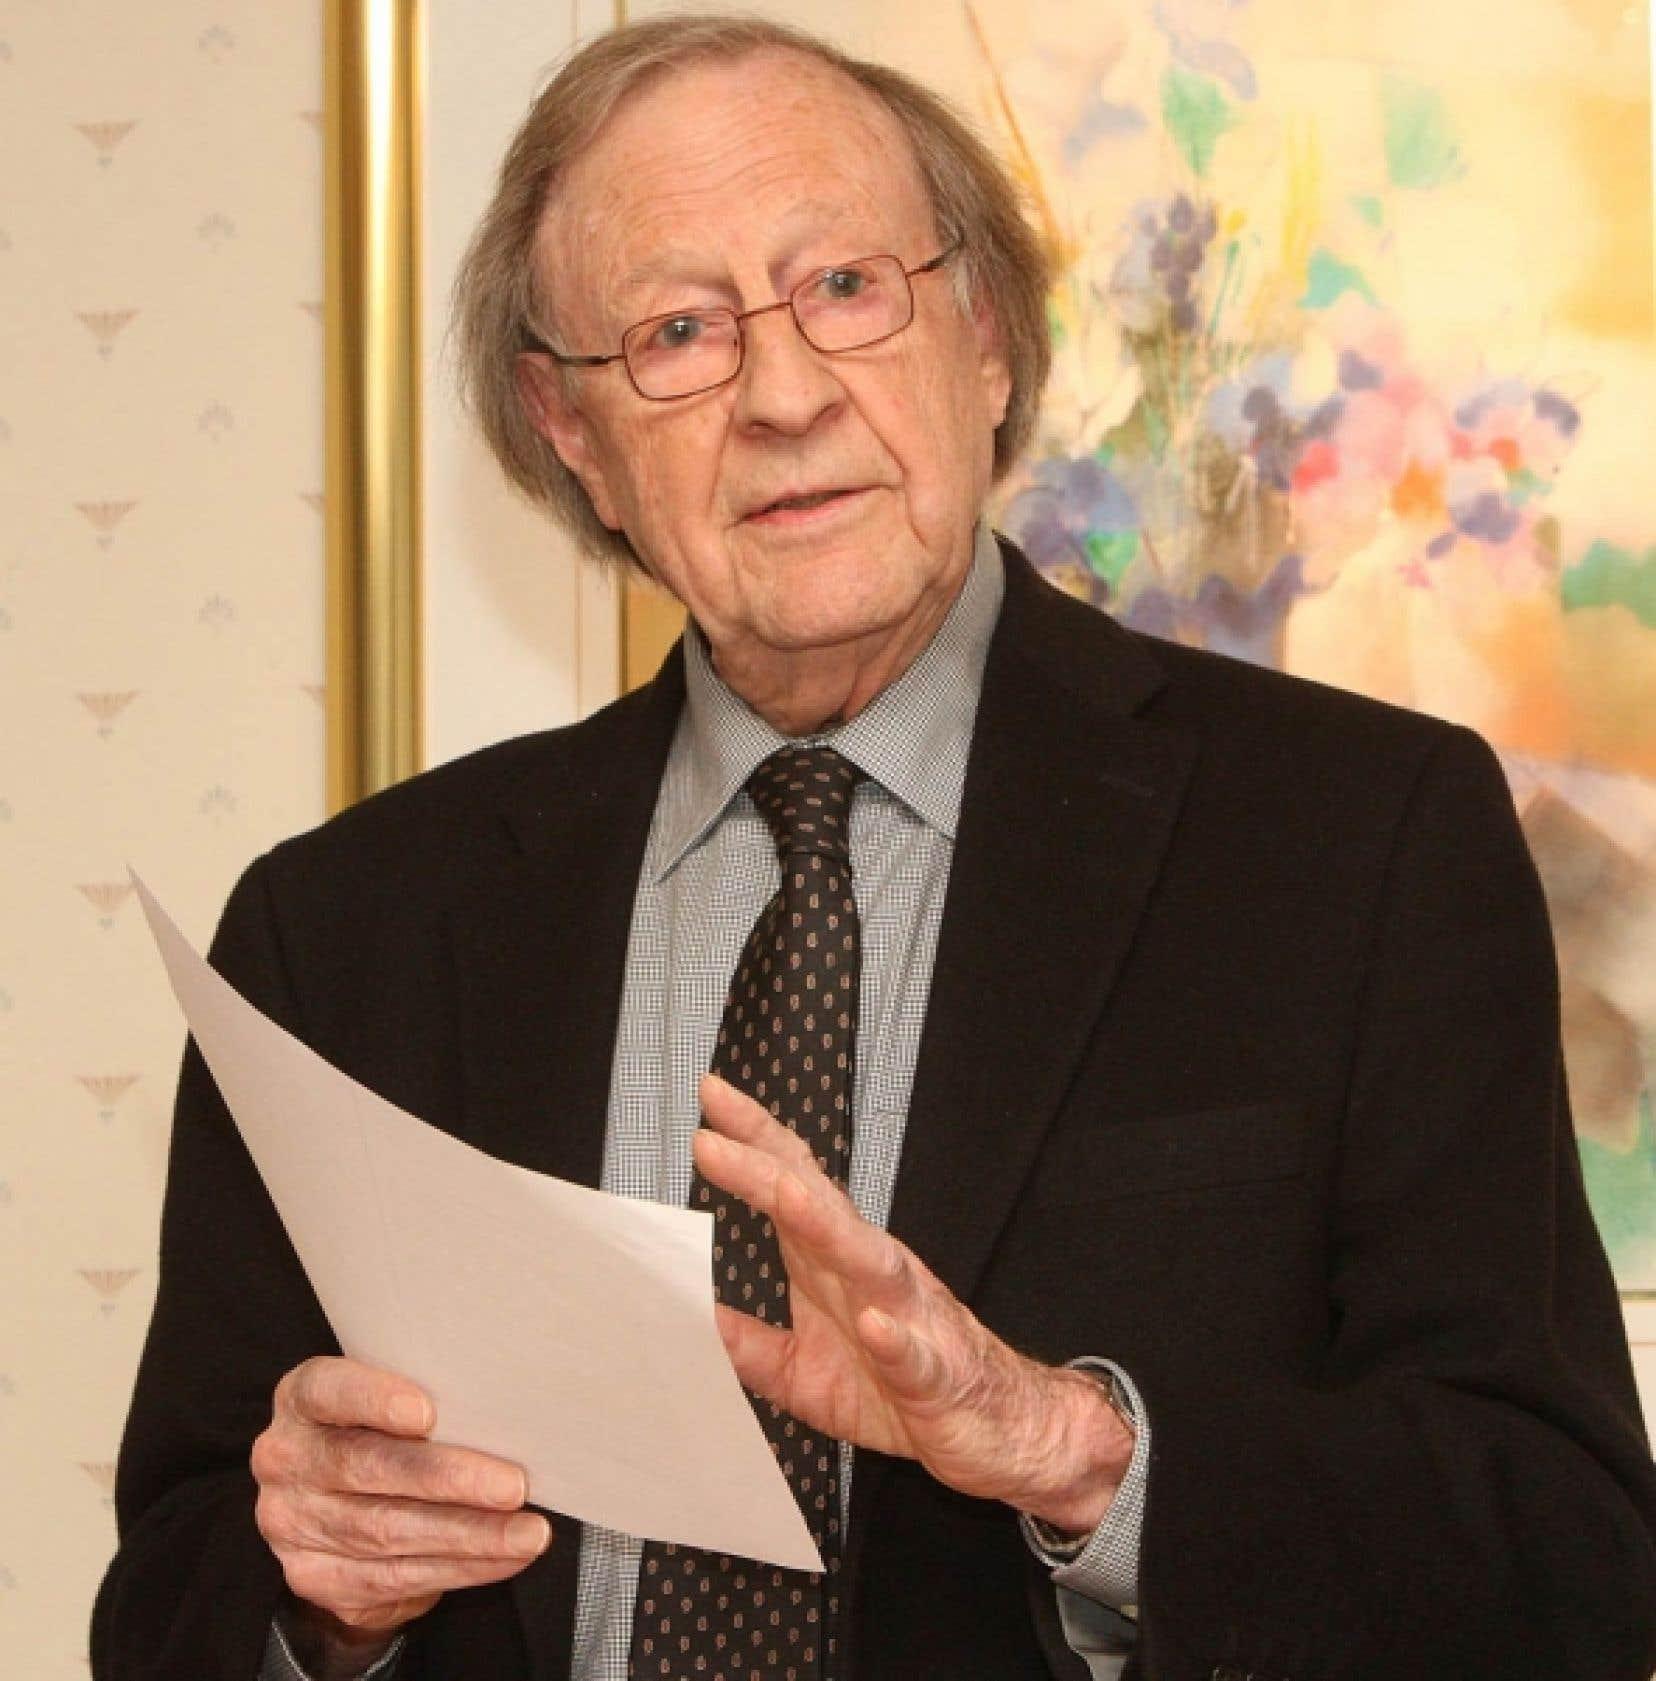 Le sociologue Guy Rocher, qui se définit comme «un vieux chercheur de la vie universitaire», a vu sa vie professionnelle se transformer au cours des 50 dernières années. <br />